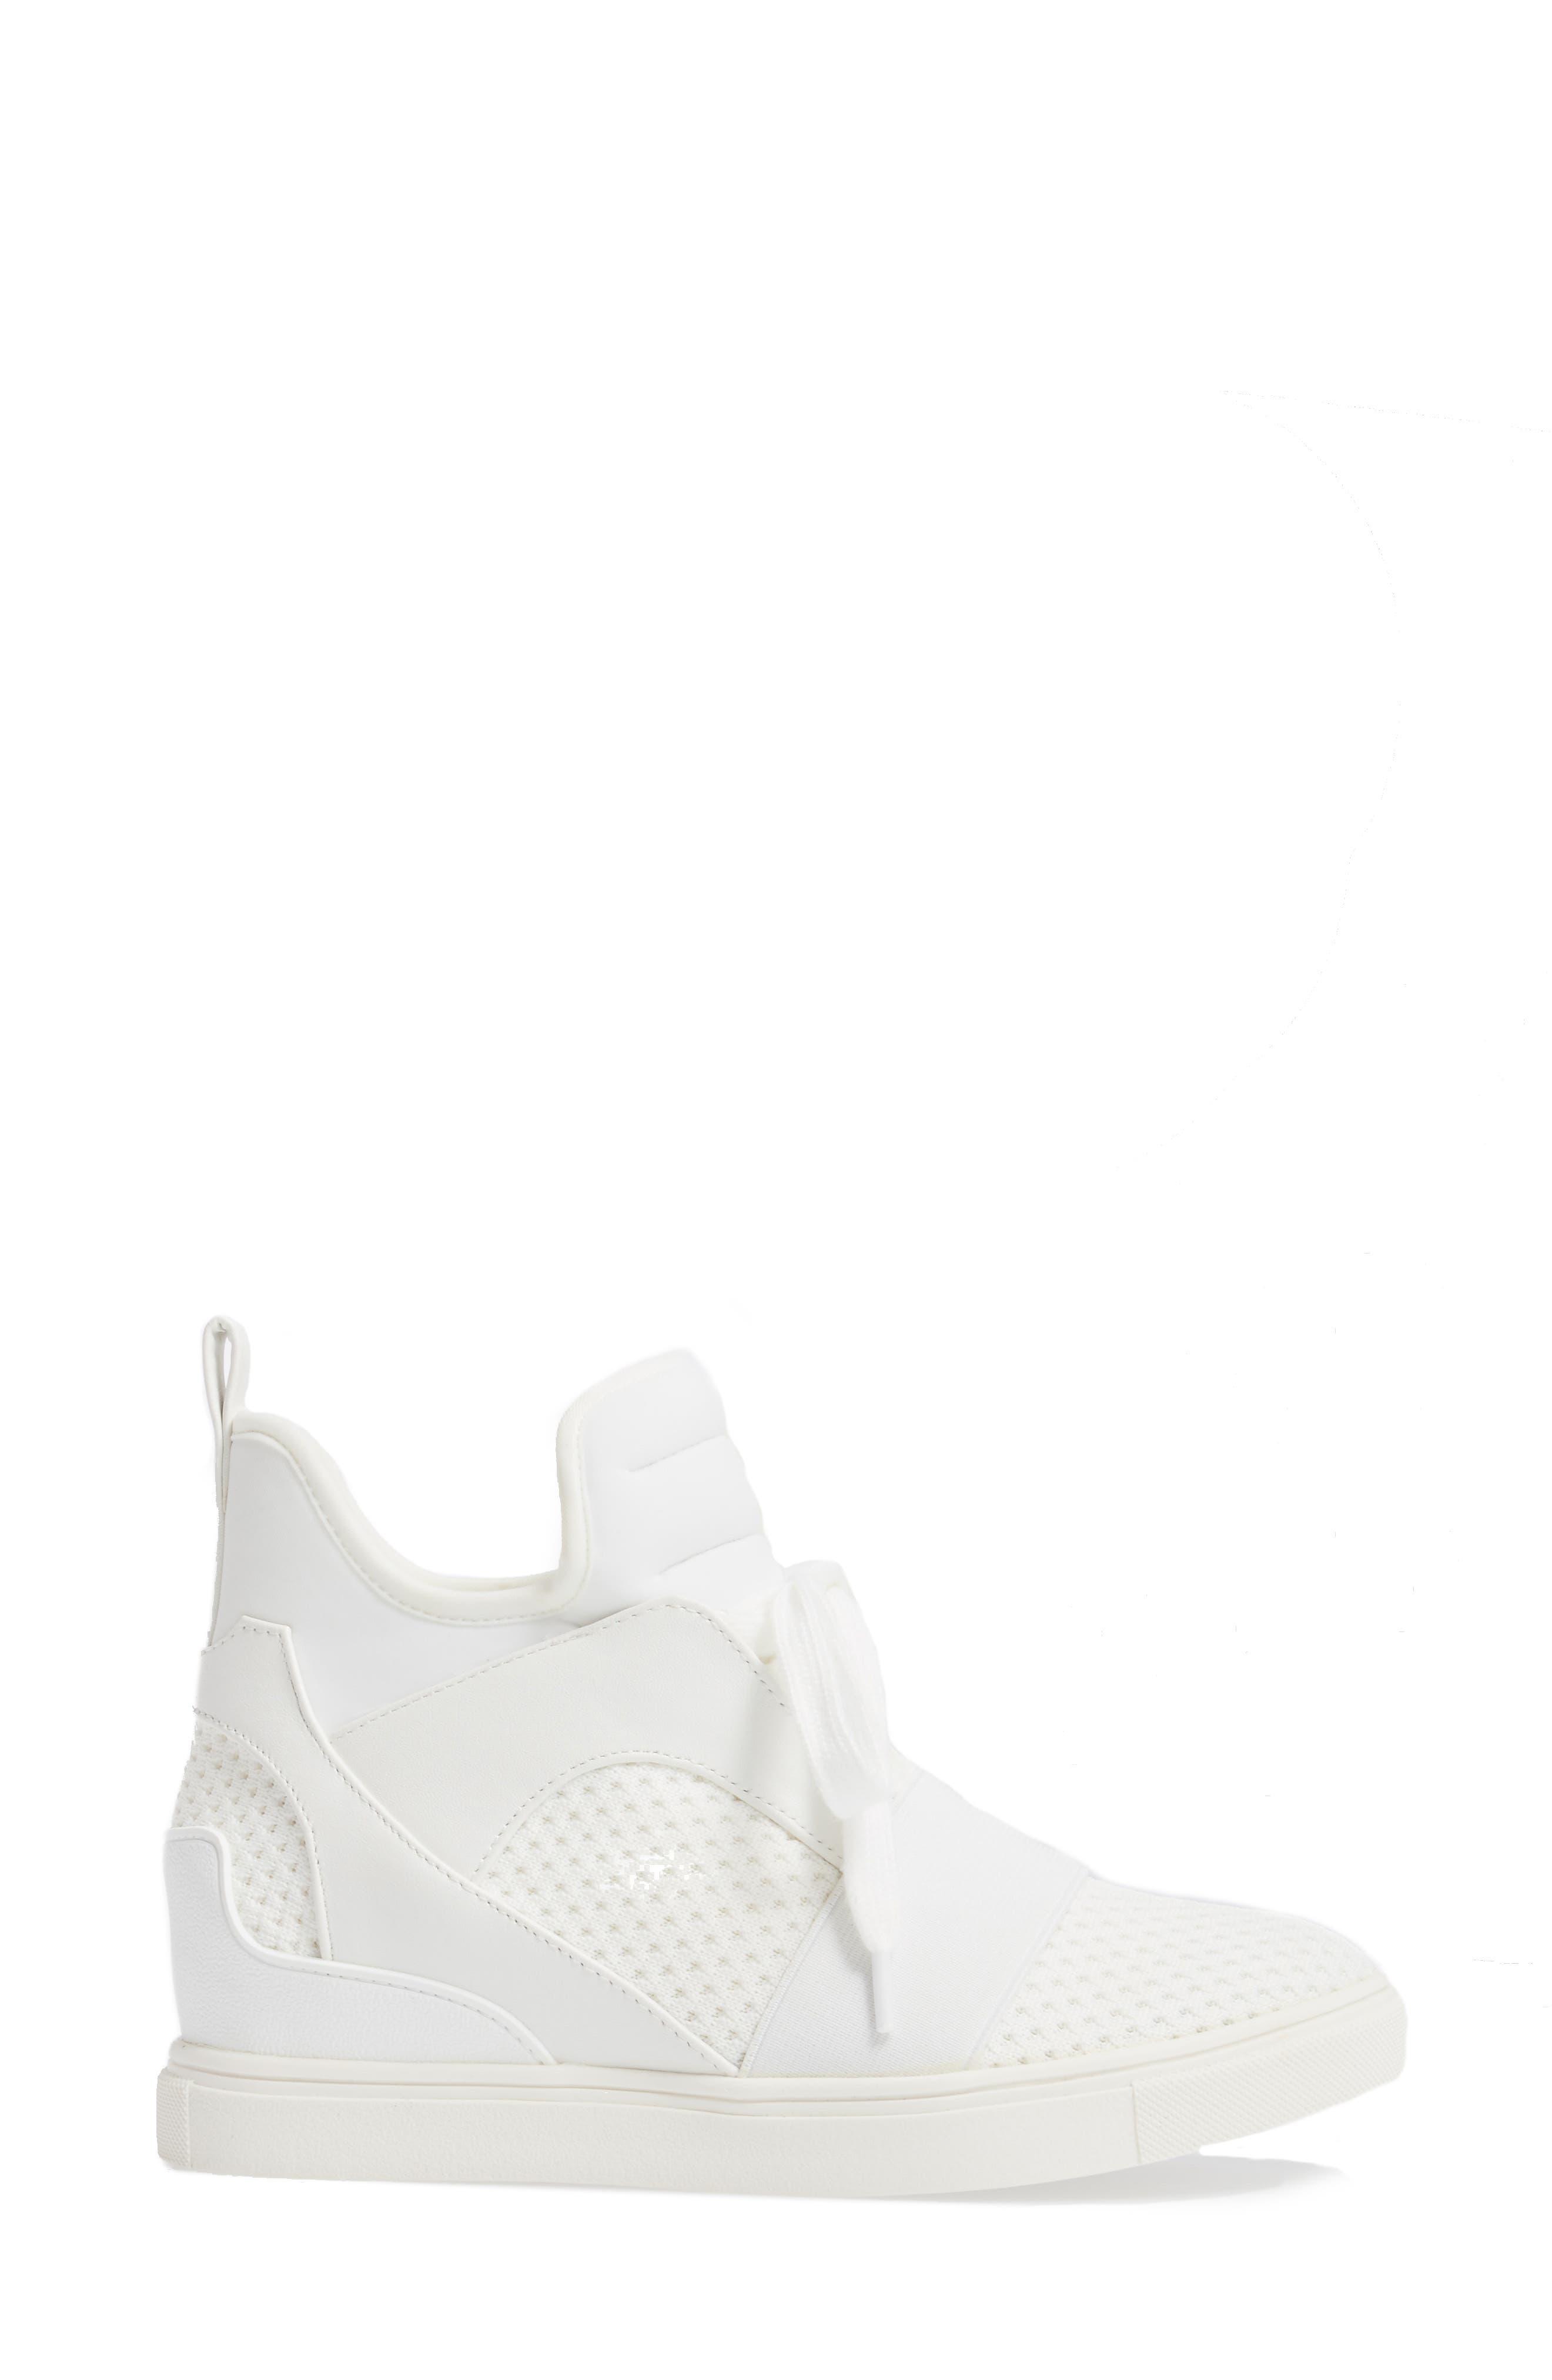 Lexie Wedge Sneaker,                             Alternate thumbnail 3, color,                             White